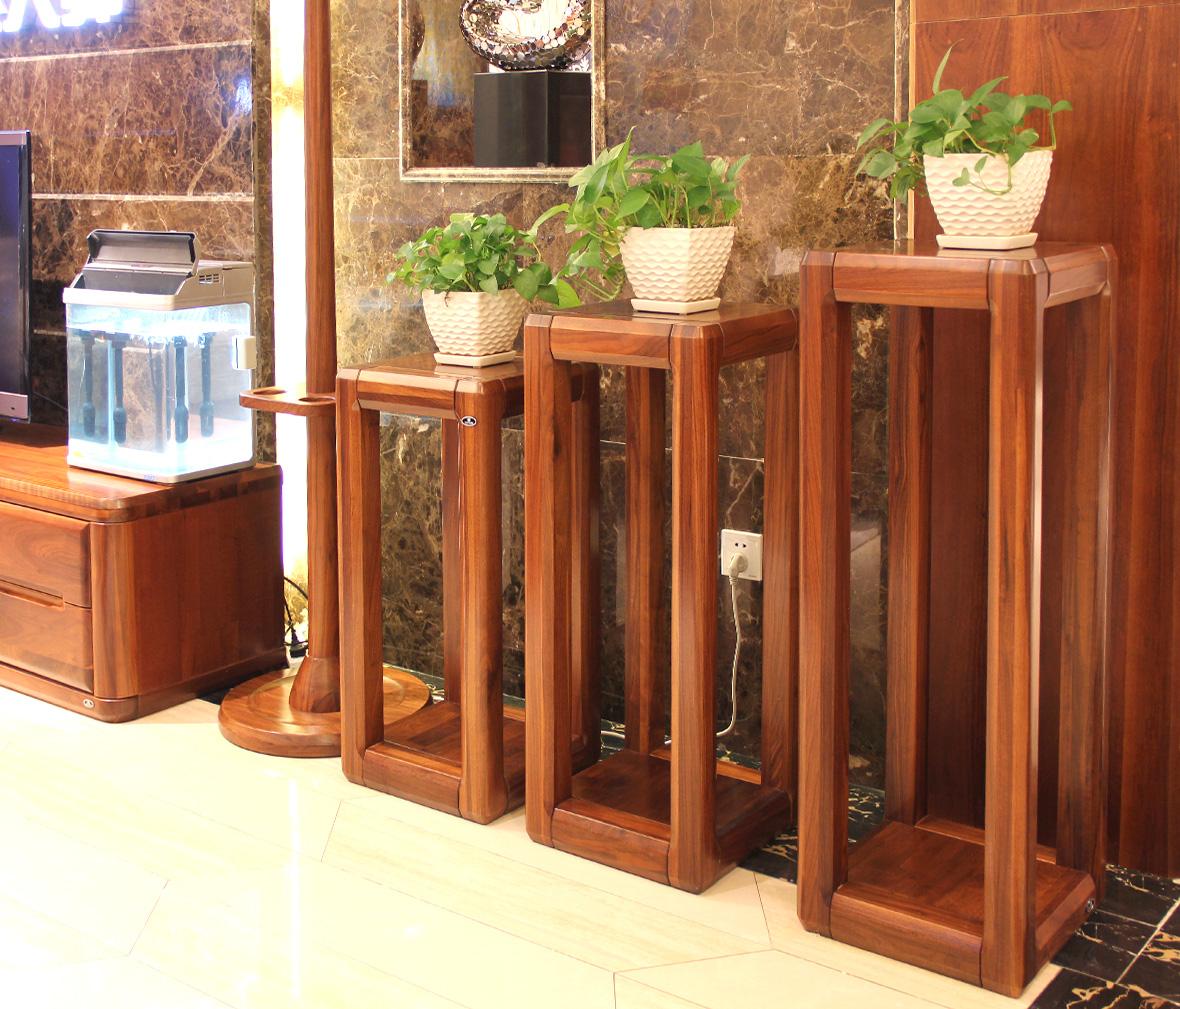 赖氏家具 胡桃木中花架lsw01b型号 纯实木 现代简约风格